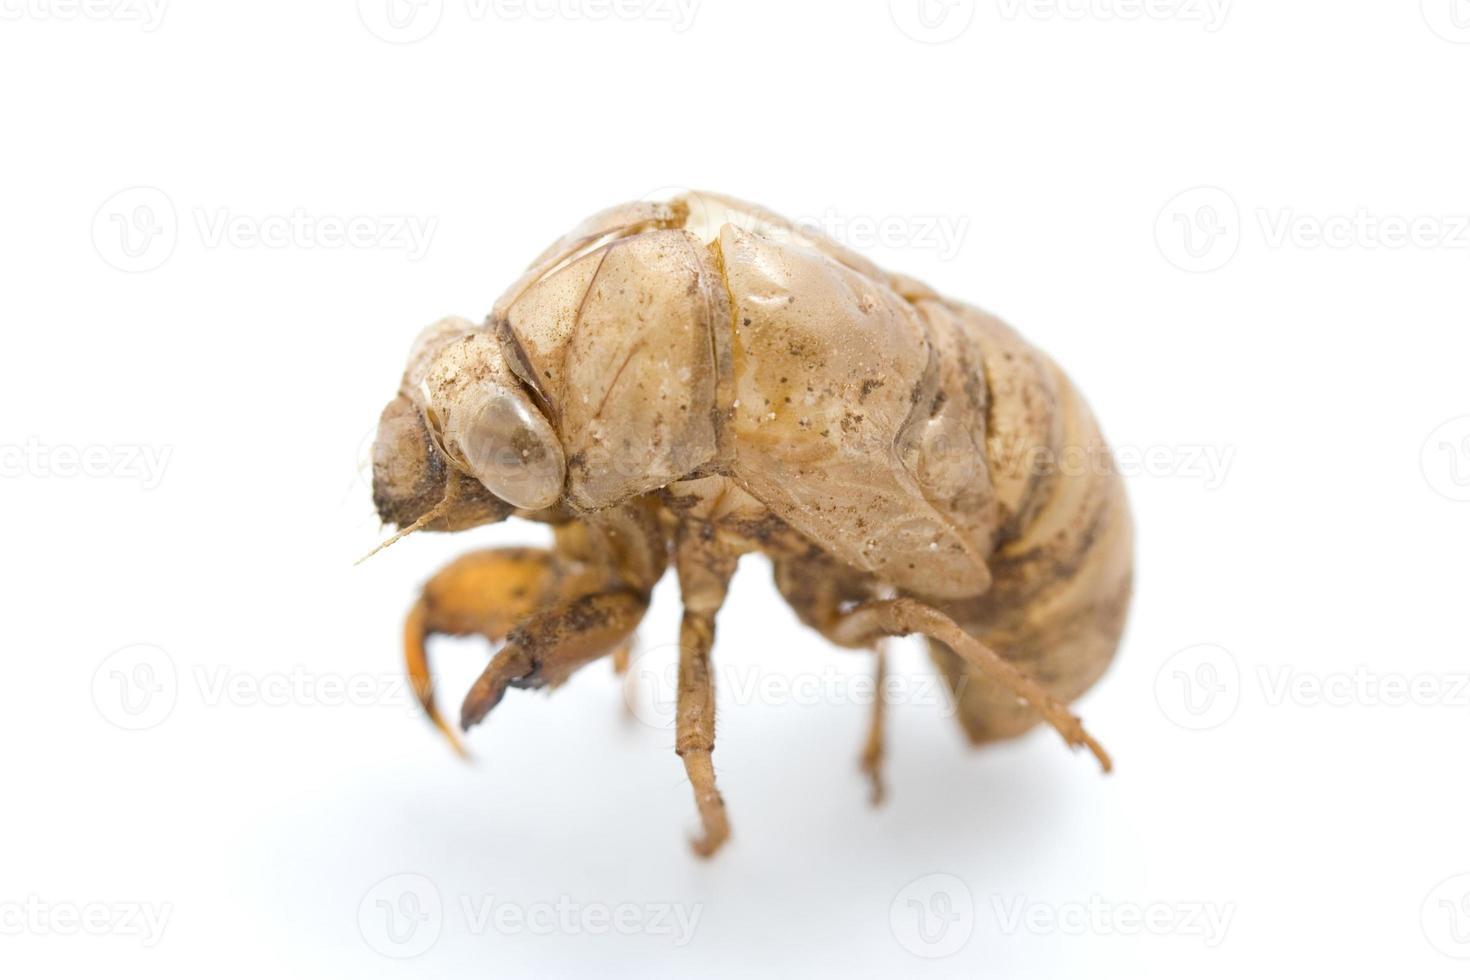 cicade schelp foto